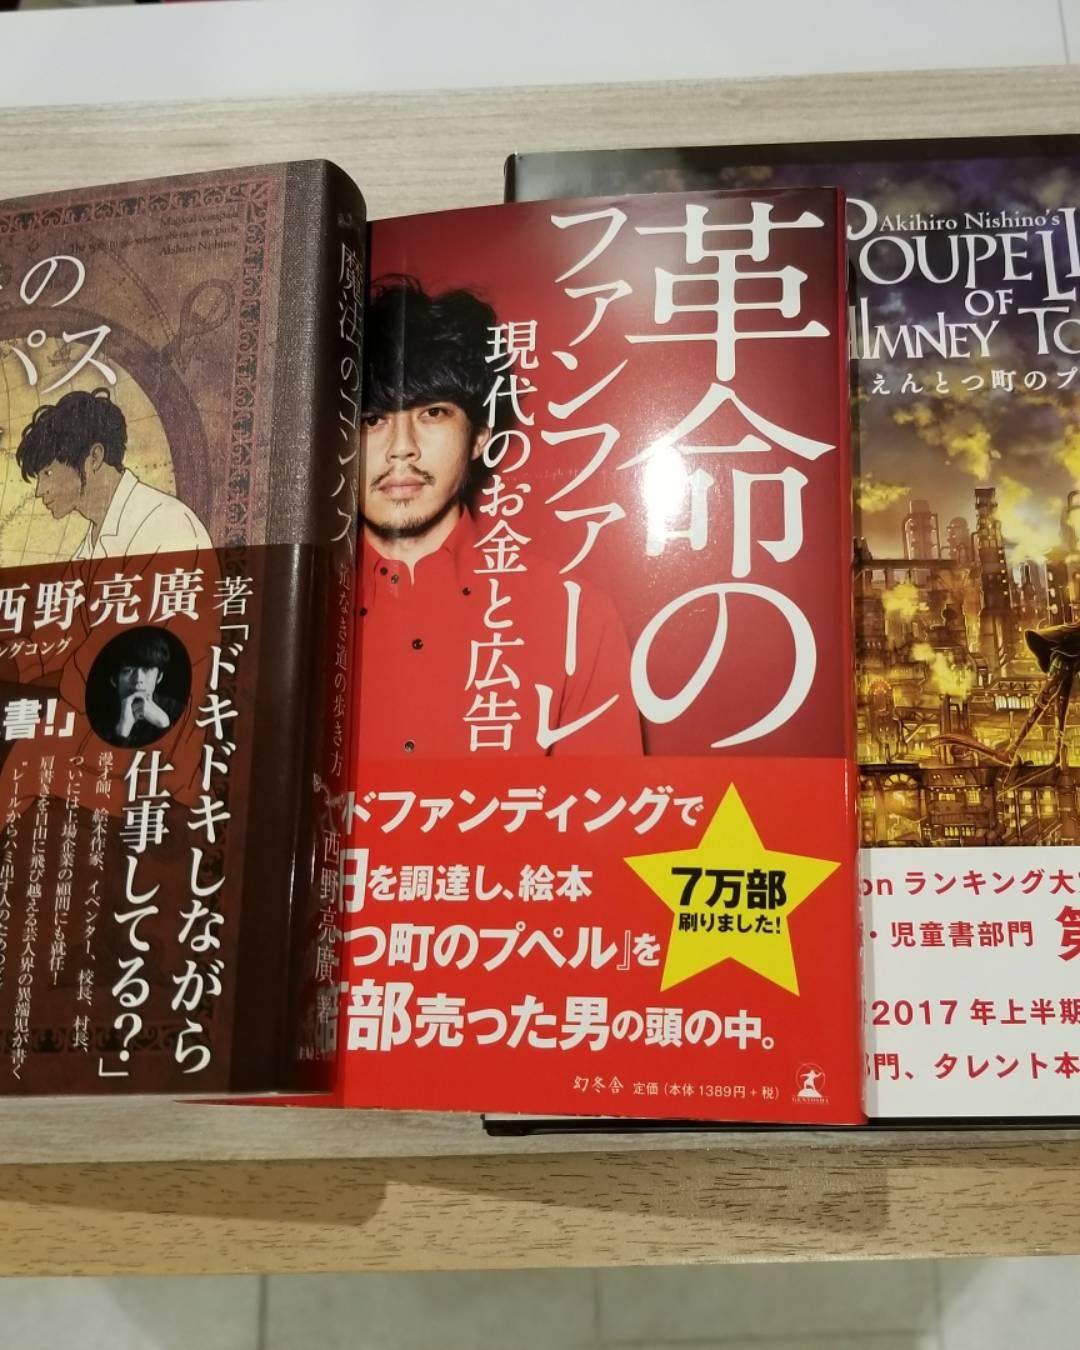 革命のファンファーレが鳴った❗西野亮廣さんの『革命のファンファーレ』の講演会に行って来ました✨国分寺 美容室 LAND